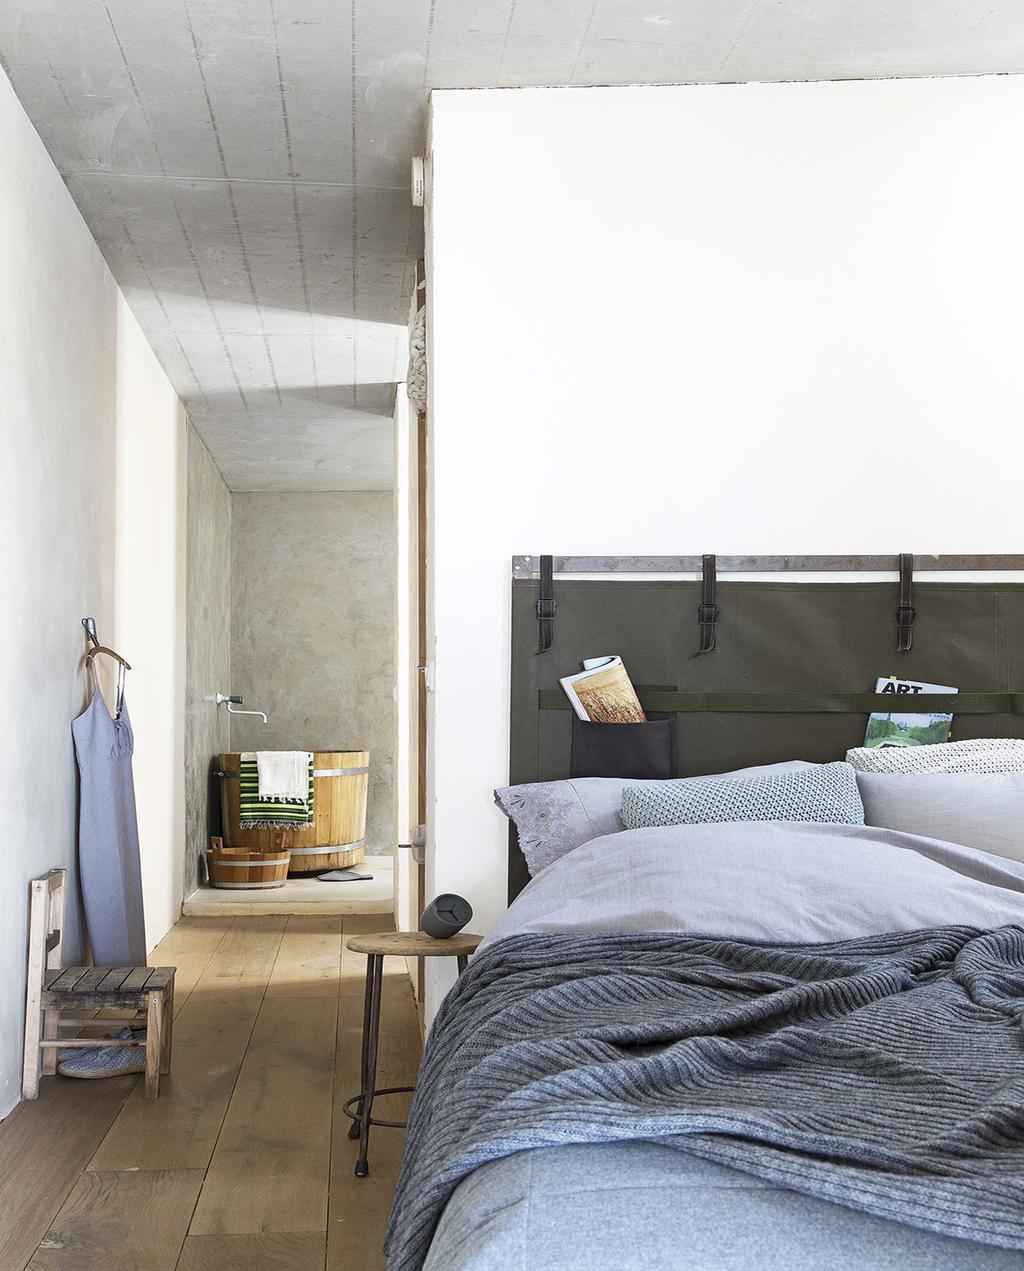 vtwonen 08-2016 | slaapkamer blauw grijs met hangende jurk